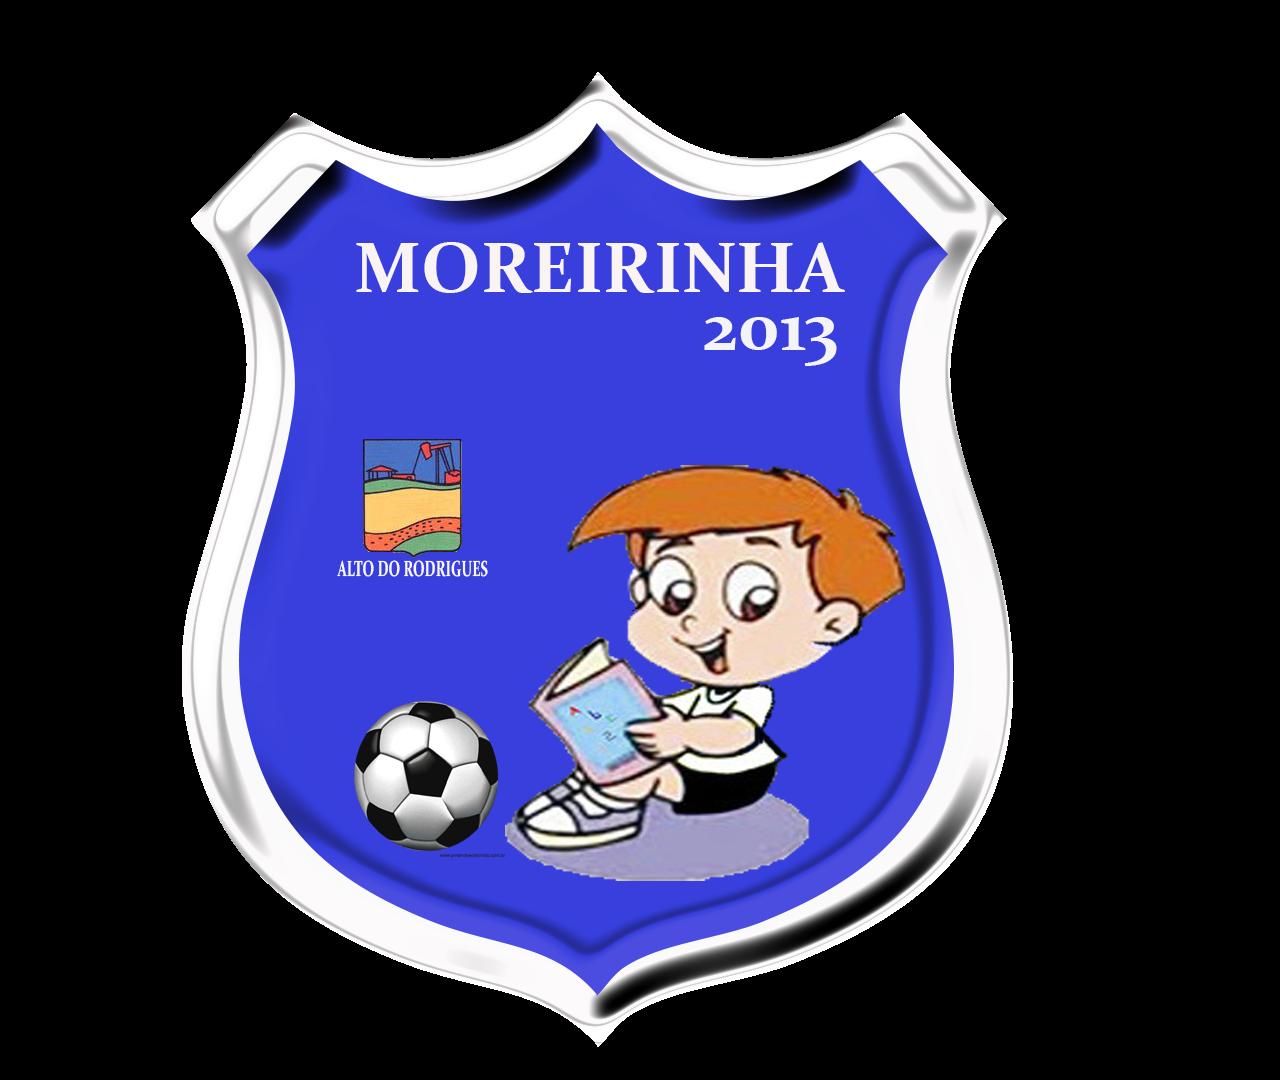 Moreirinha